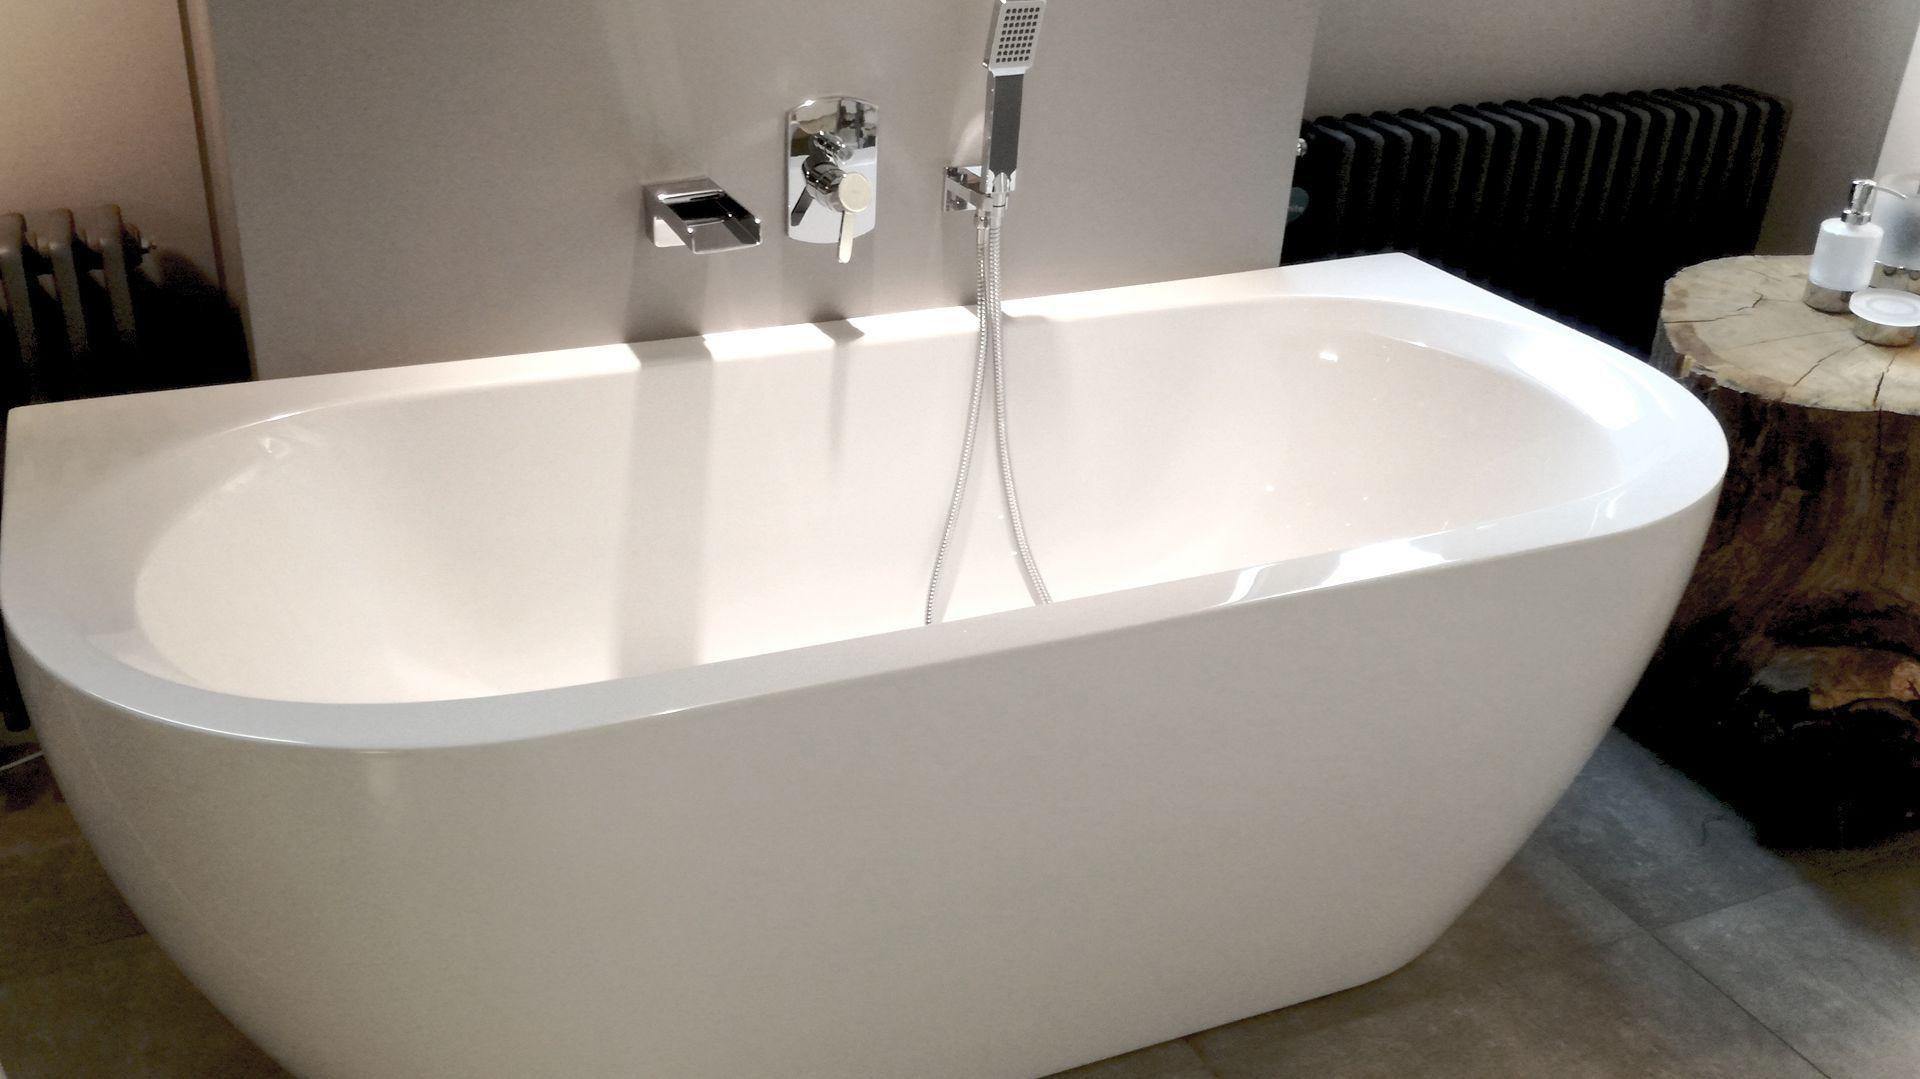 Wanna Przyscienna Monoblock Vigour Derby To Polaczenie Funkcjonalnosci Z Uniwersalnym Wygladem Wiecej Dowiesz Sie Na Https Elem Bathtub Bathroom Derby